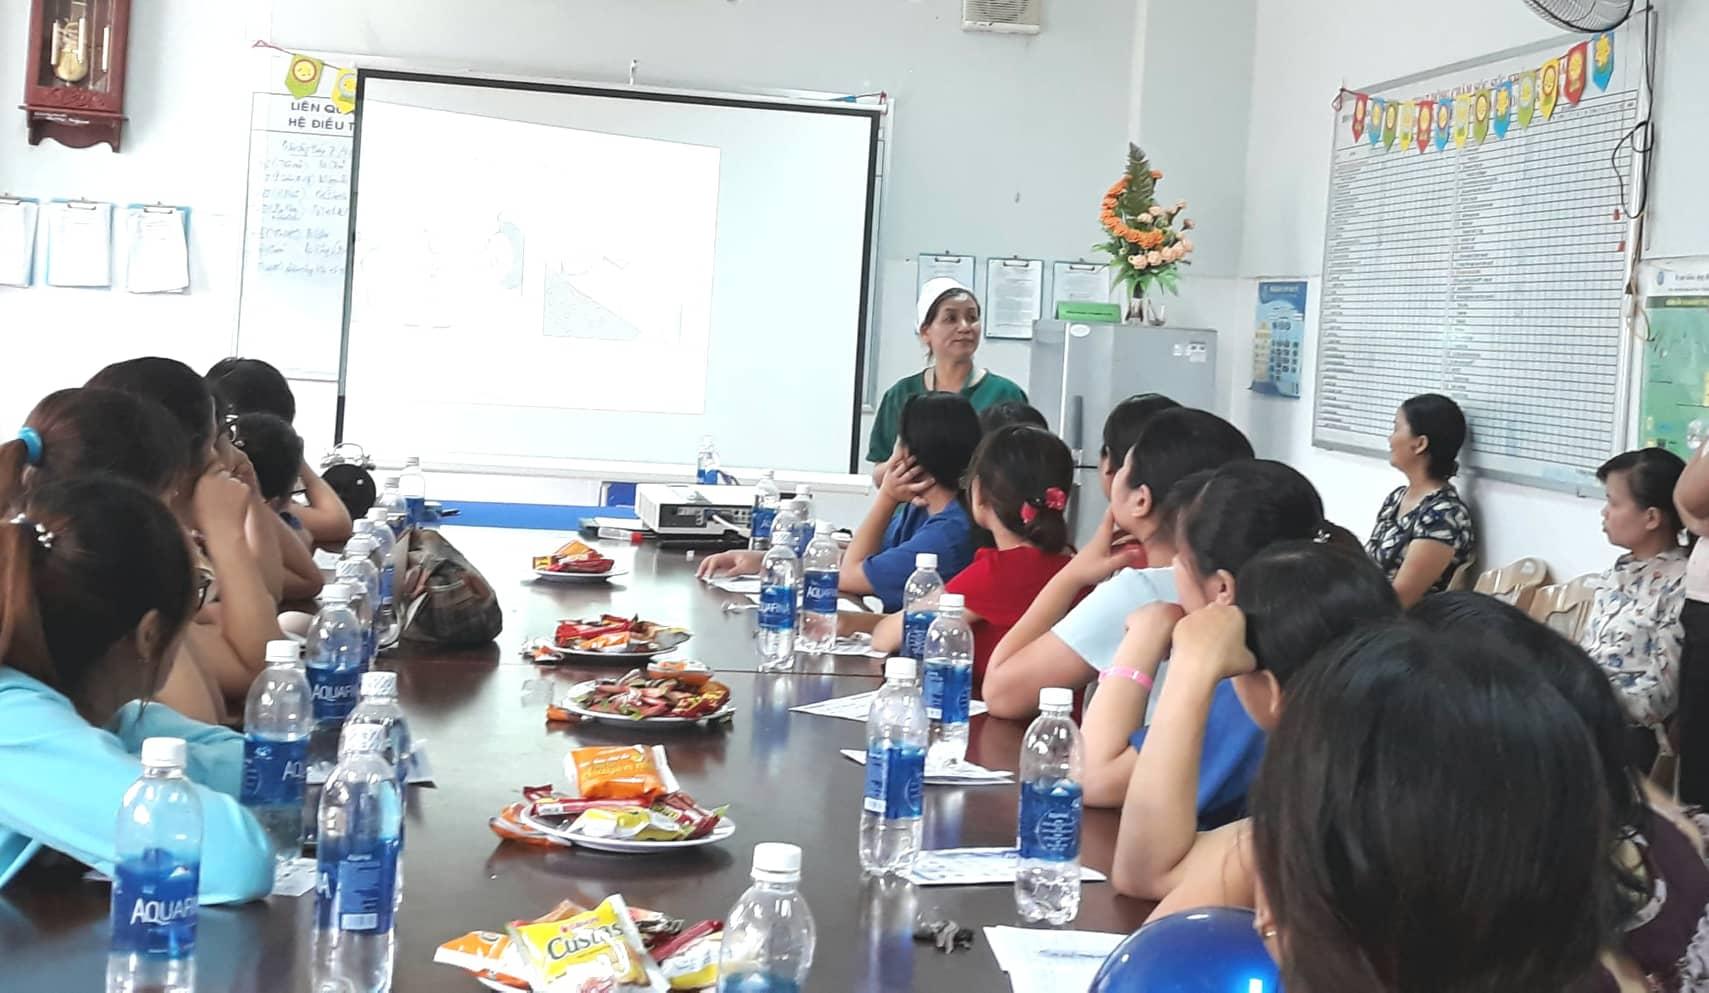 Bác sĩ Nguyễn Thị Kiều Trinh tư vấn về bệnh lý đái tháo đường thai kỳ. Ảnh: C.N